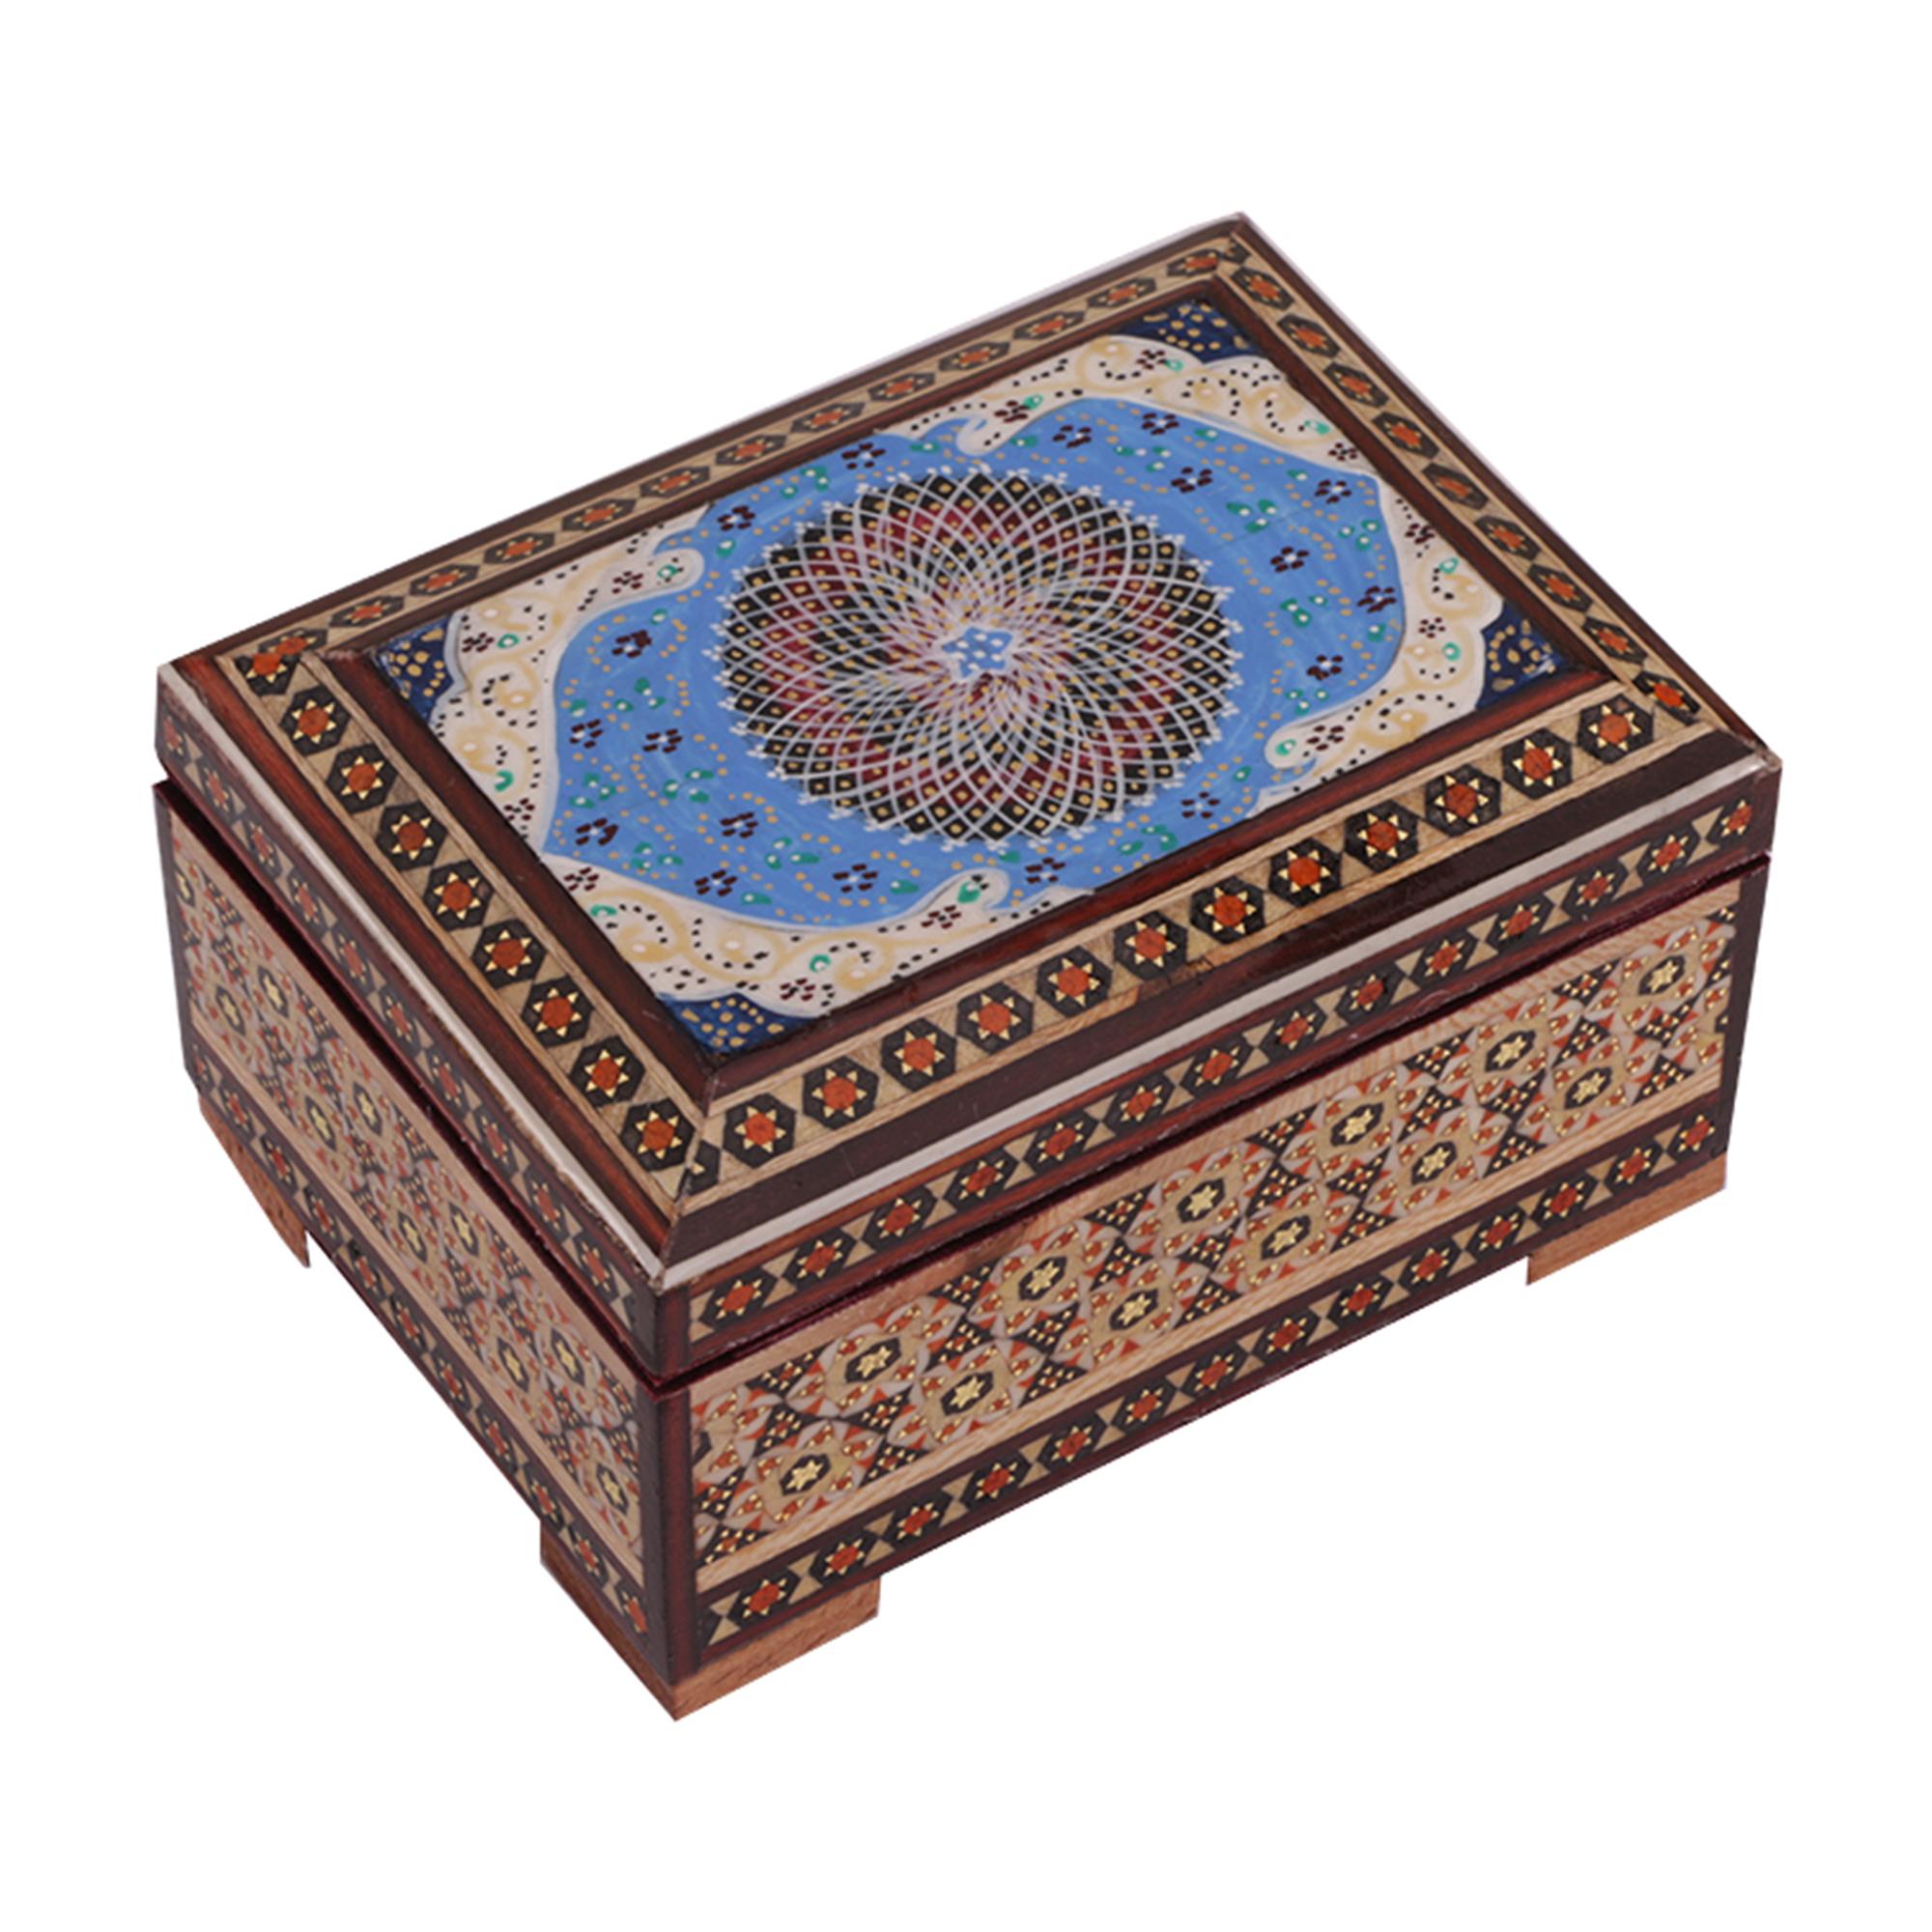 جعبه جواهرات خاتم کاری گالری گوهران مدل اسلیمی کد 477